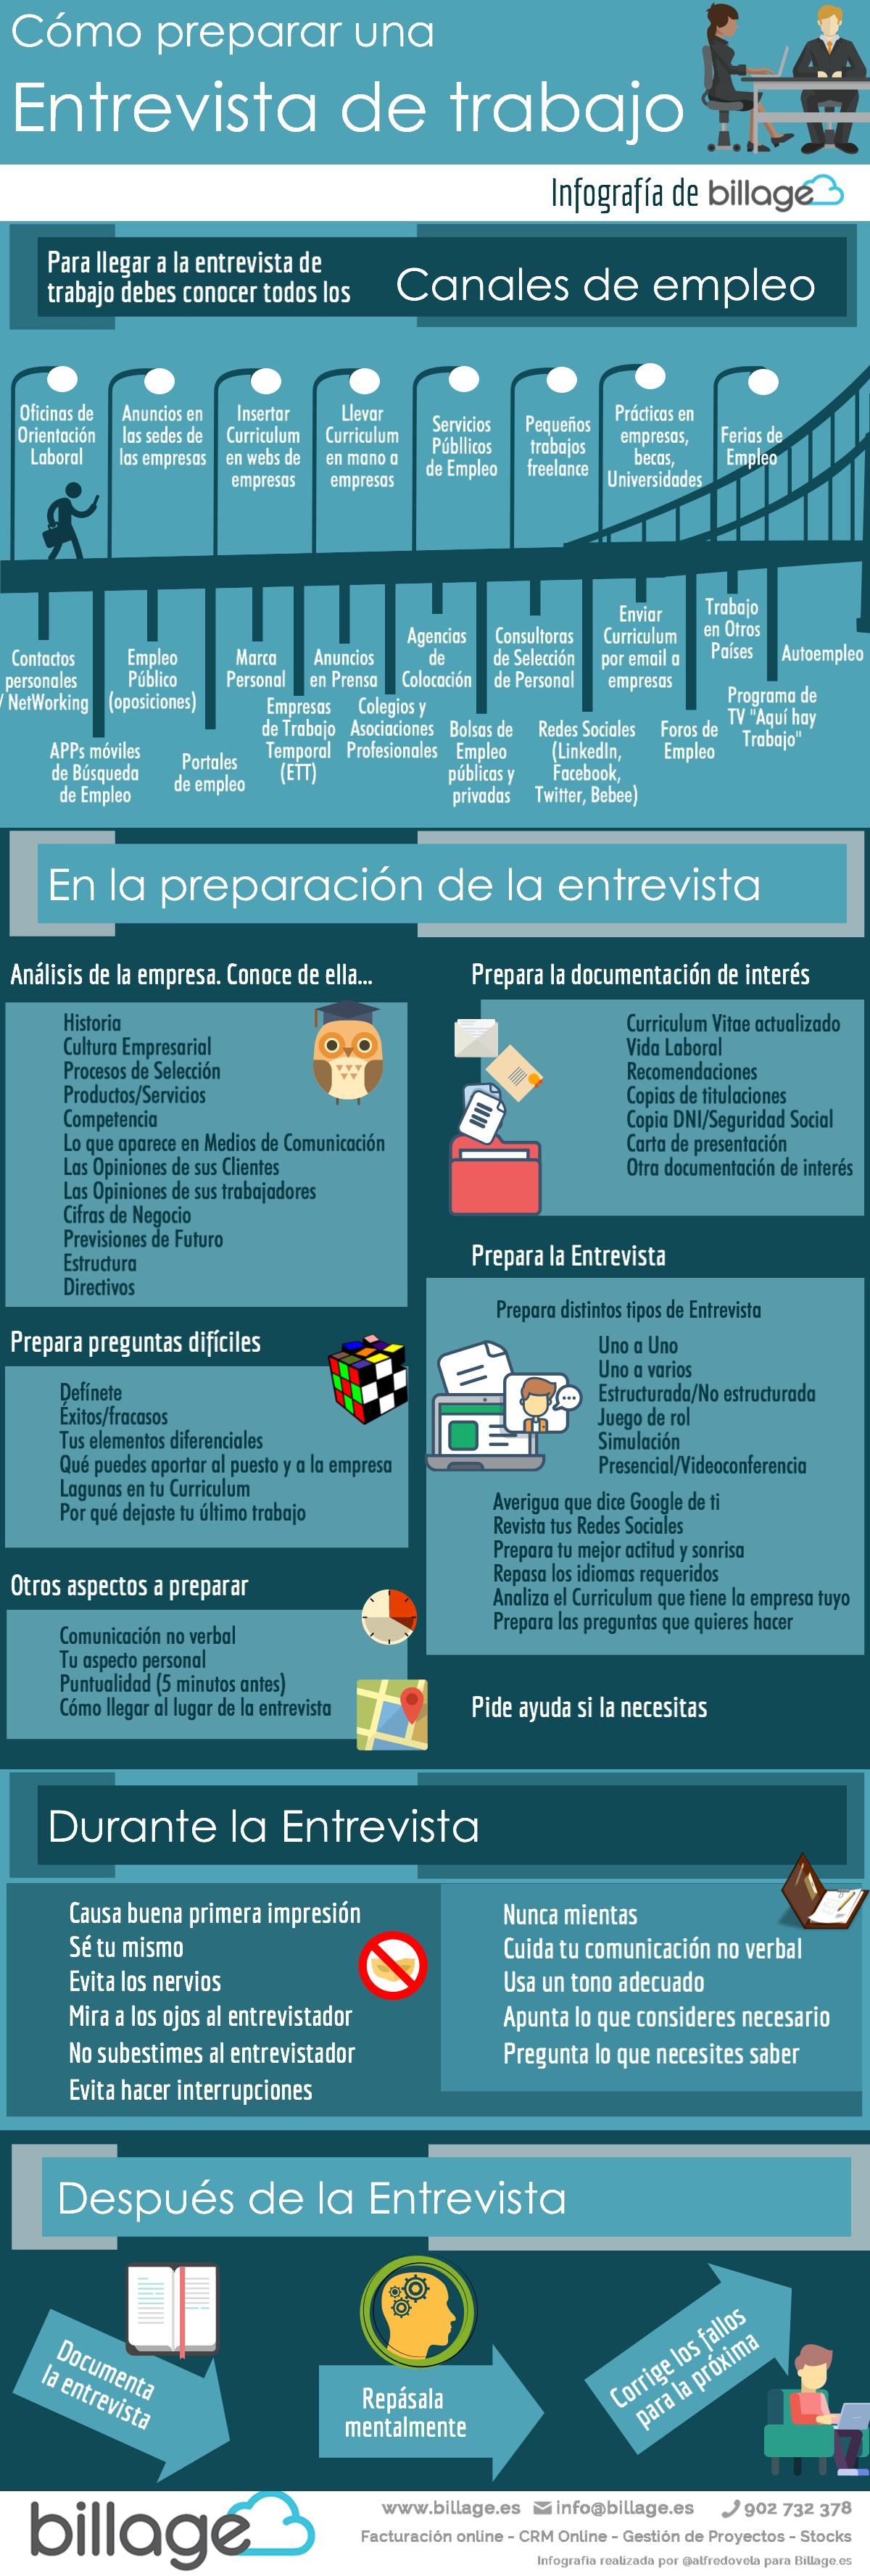 Cómo preparar una Entrevista de Trabajo #infografia #infographic #empleo